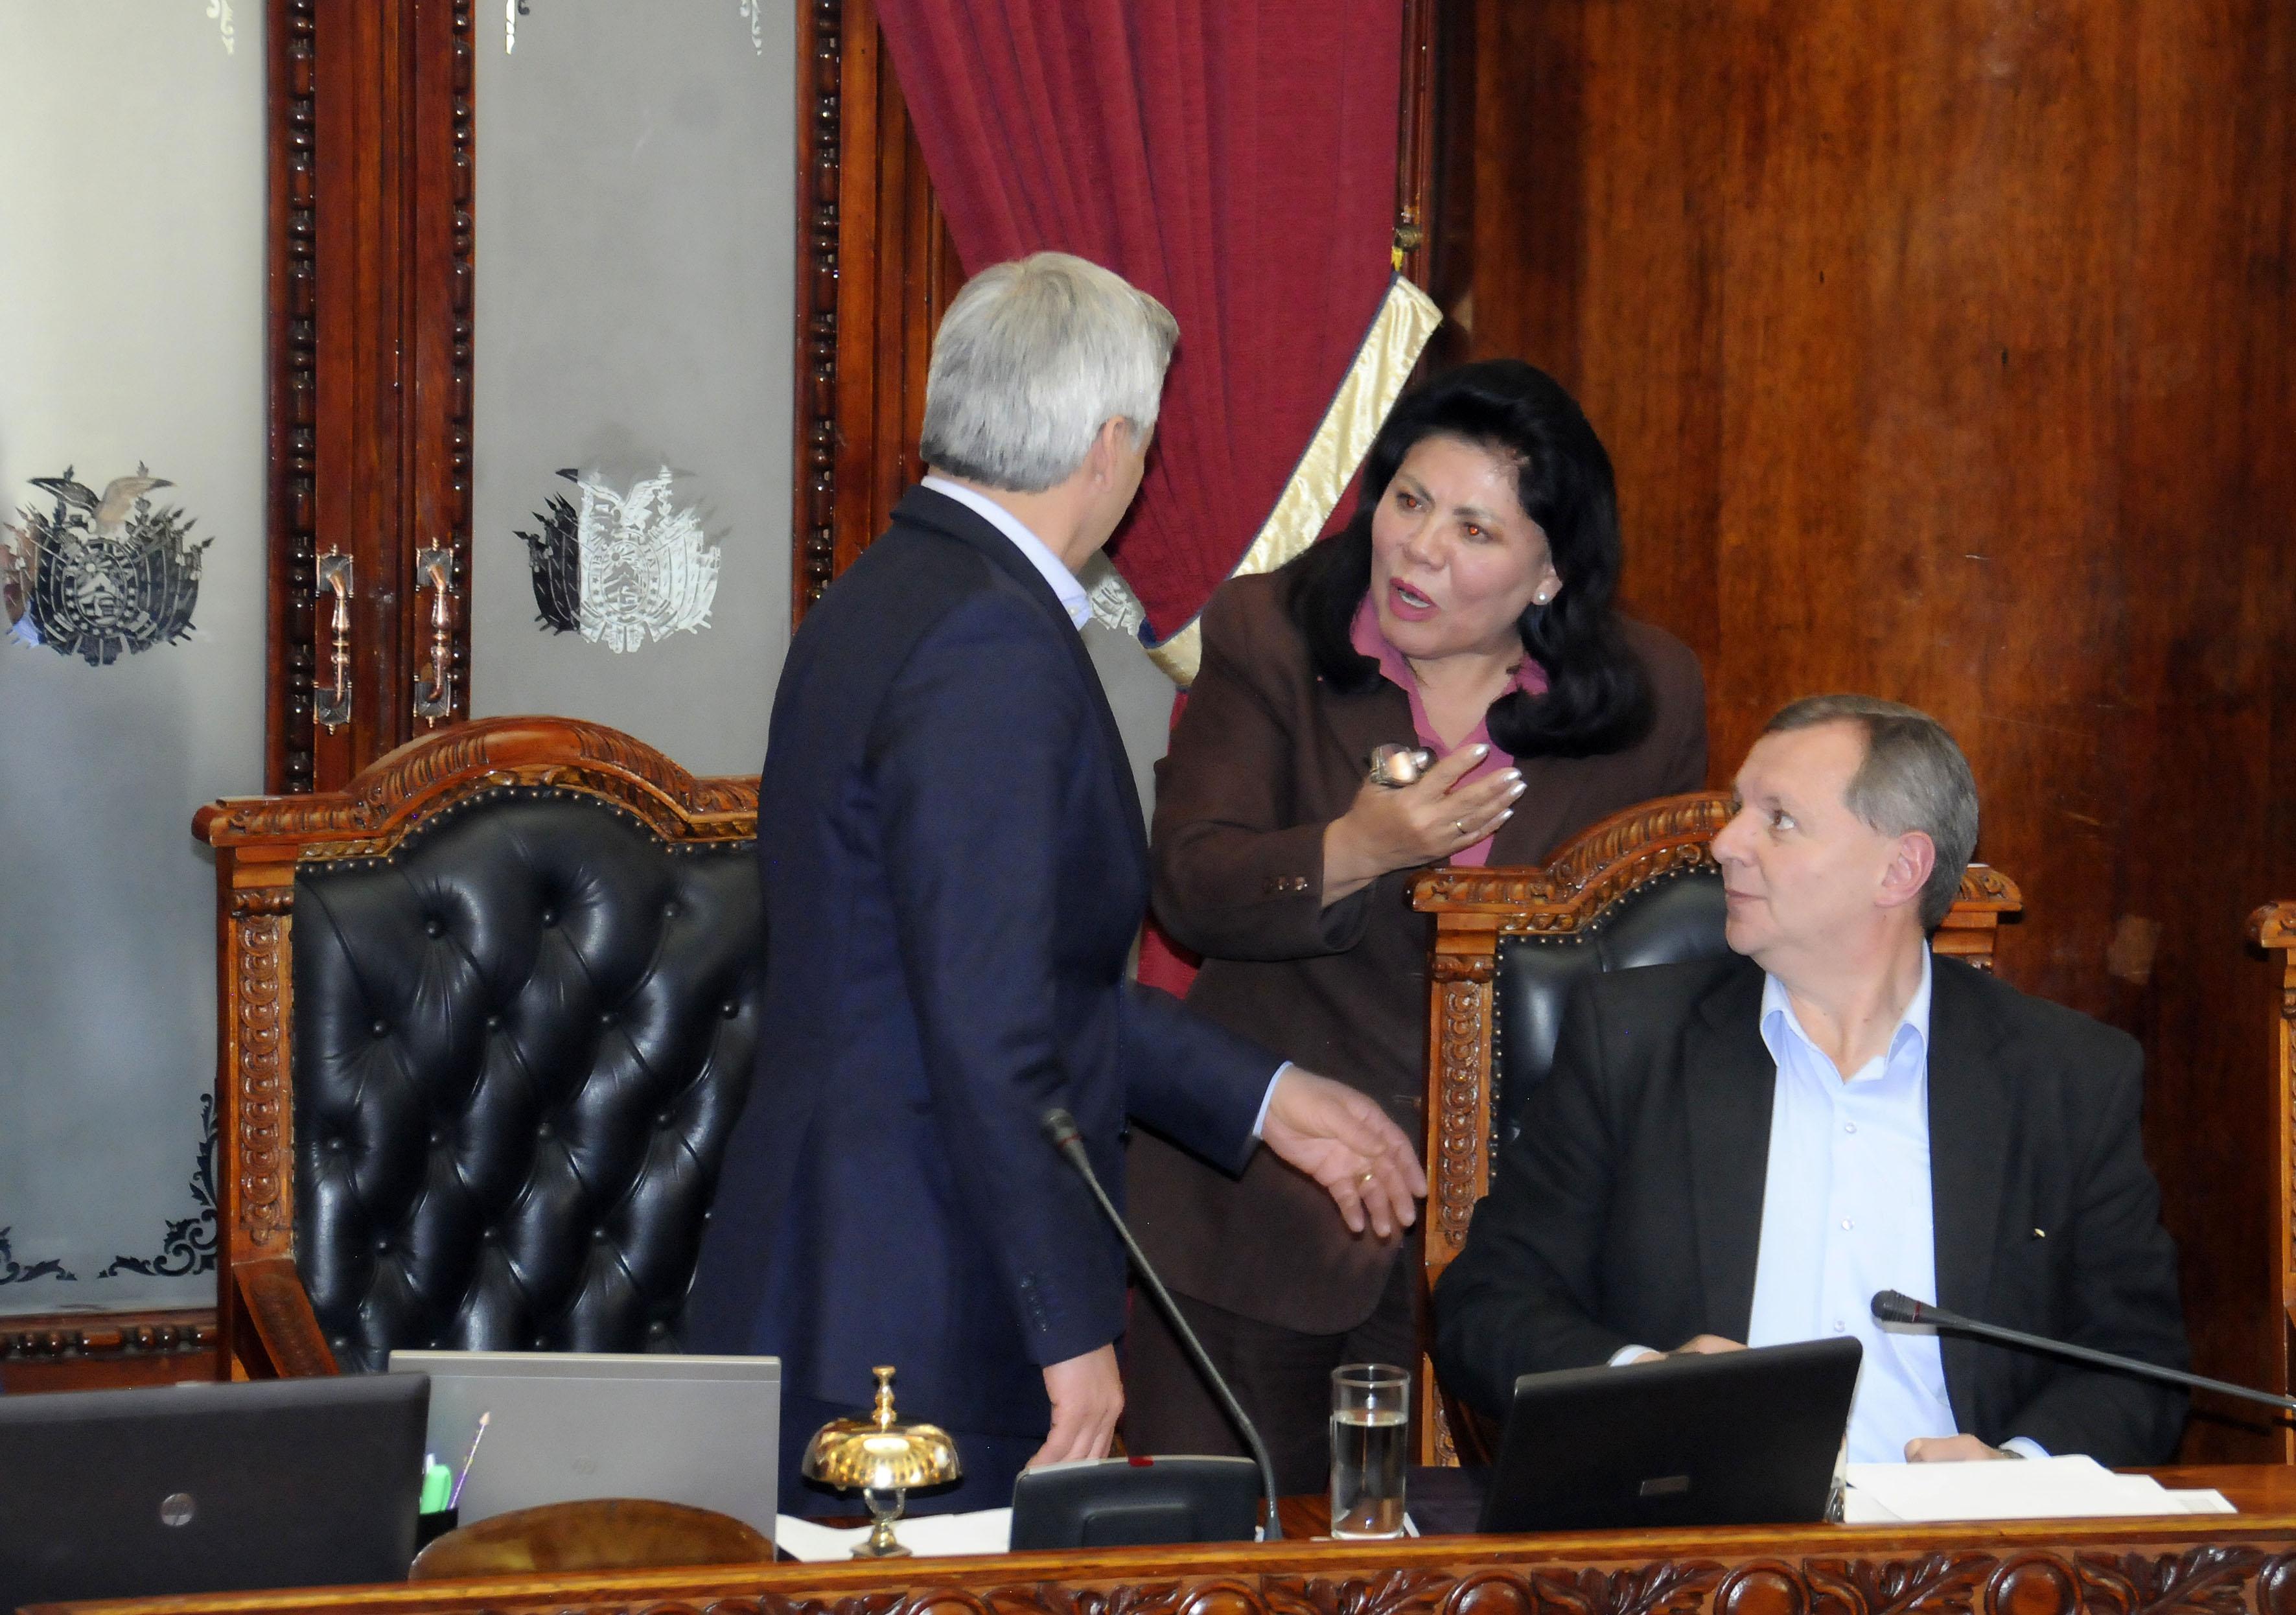 Vicepresidente y diputada Piérola protagonizan altercado en la sesión de la Asamblea